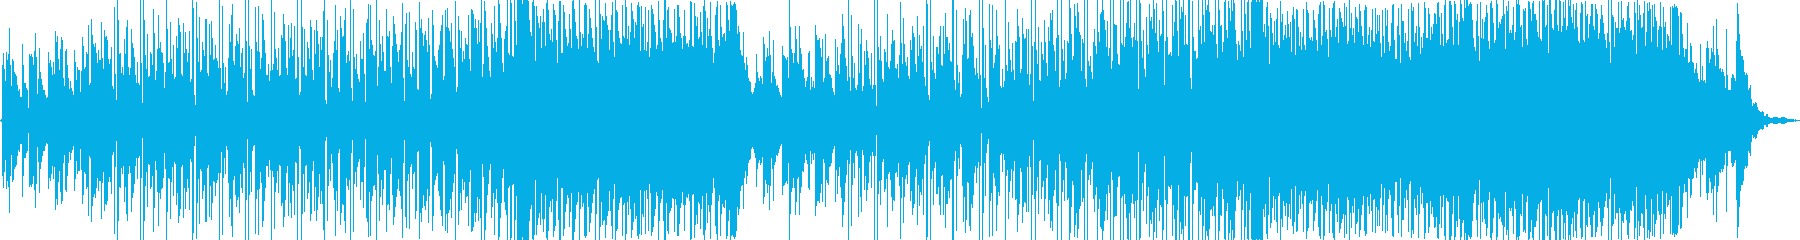 ビンテージ背景の再生済みの波形